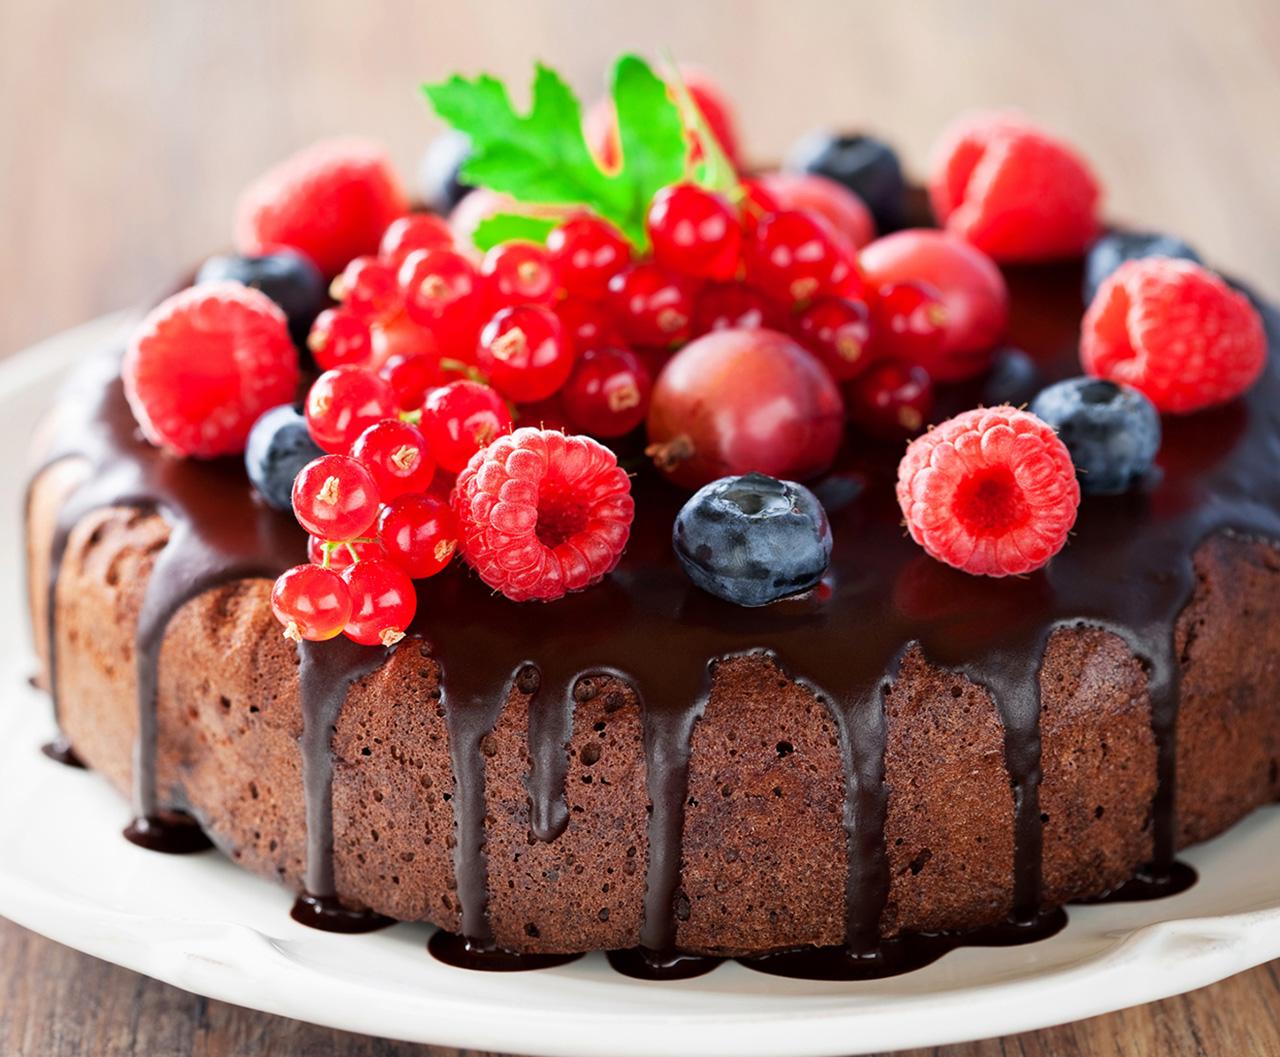 Шоколадный кекс, украшенный ягодами и растопленным шоколадом